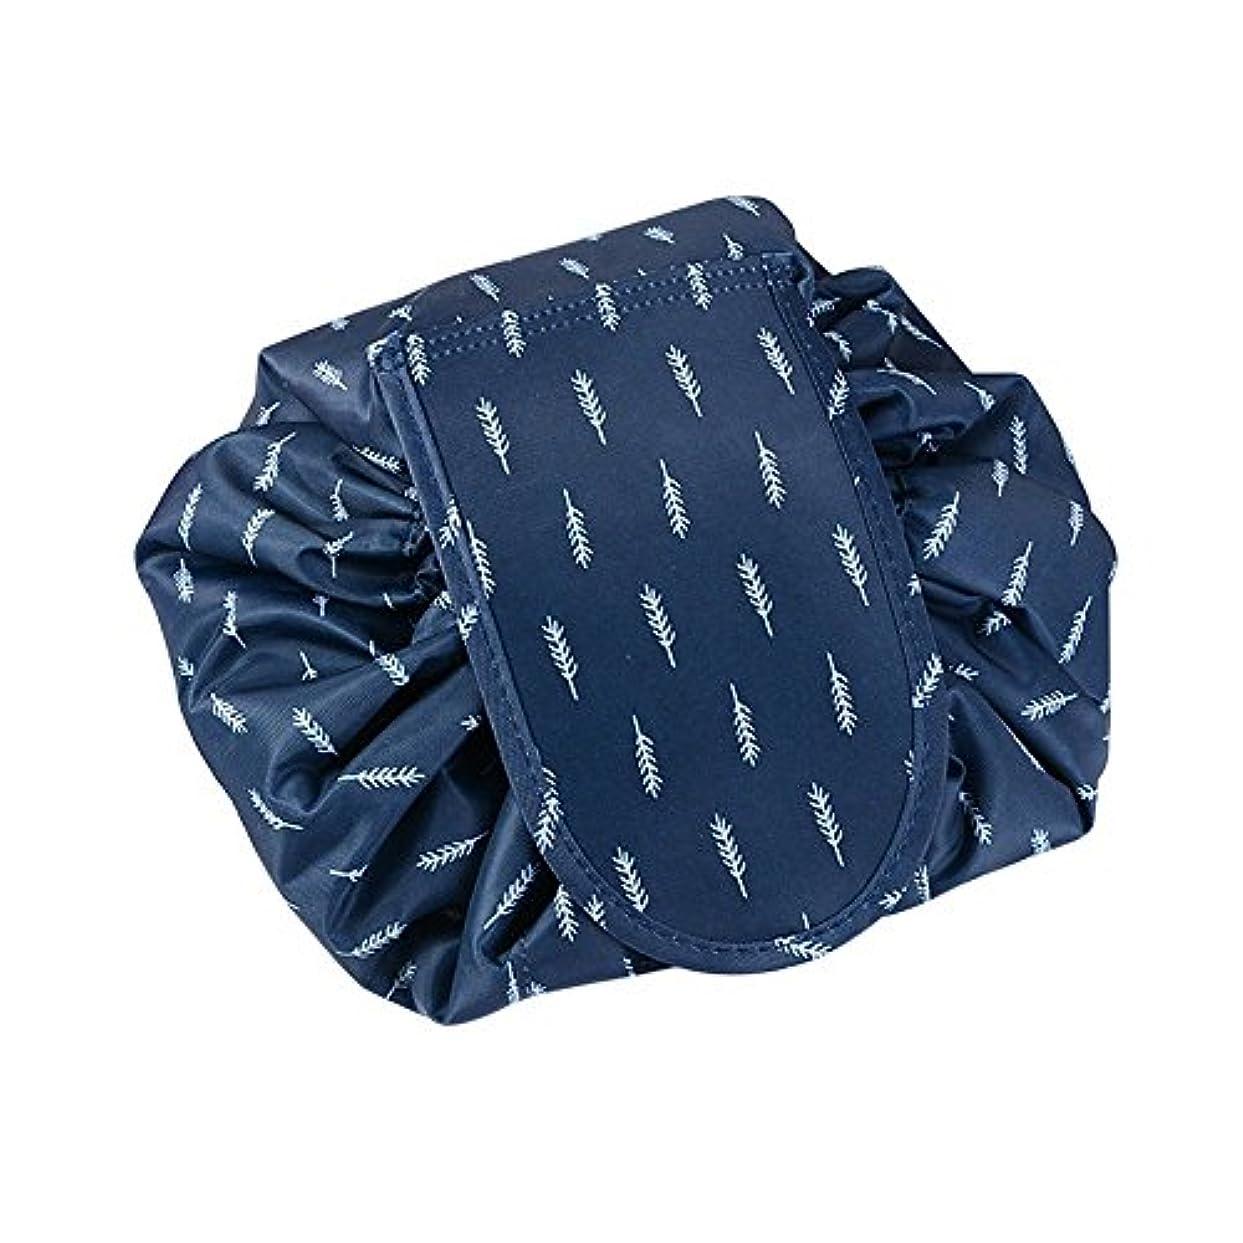 サスペンドほめる少ない旅行化粧バッグ ファッションお手軽カジュアル巾着旅行防水大容量の化粧バック (ブルー羽毛)